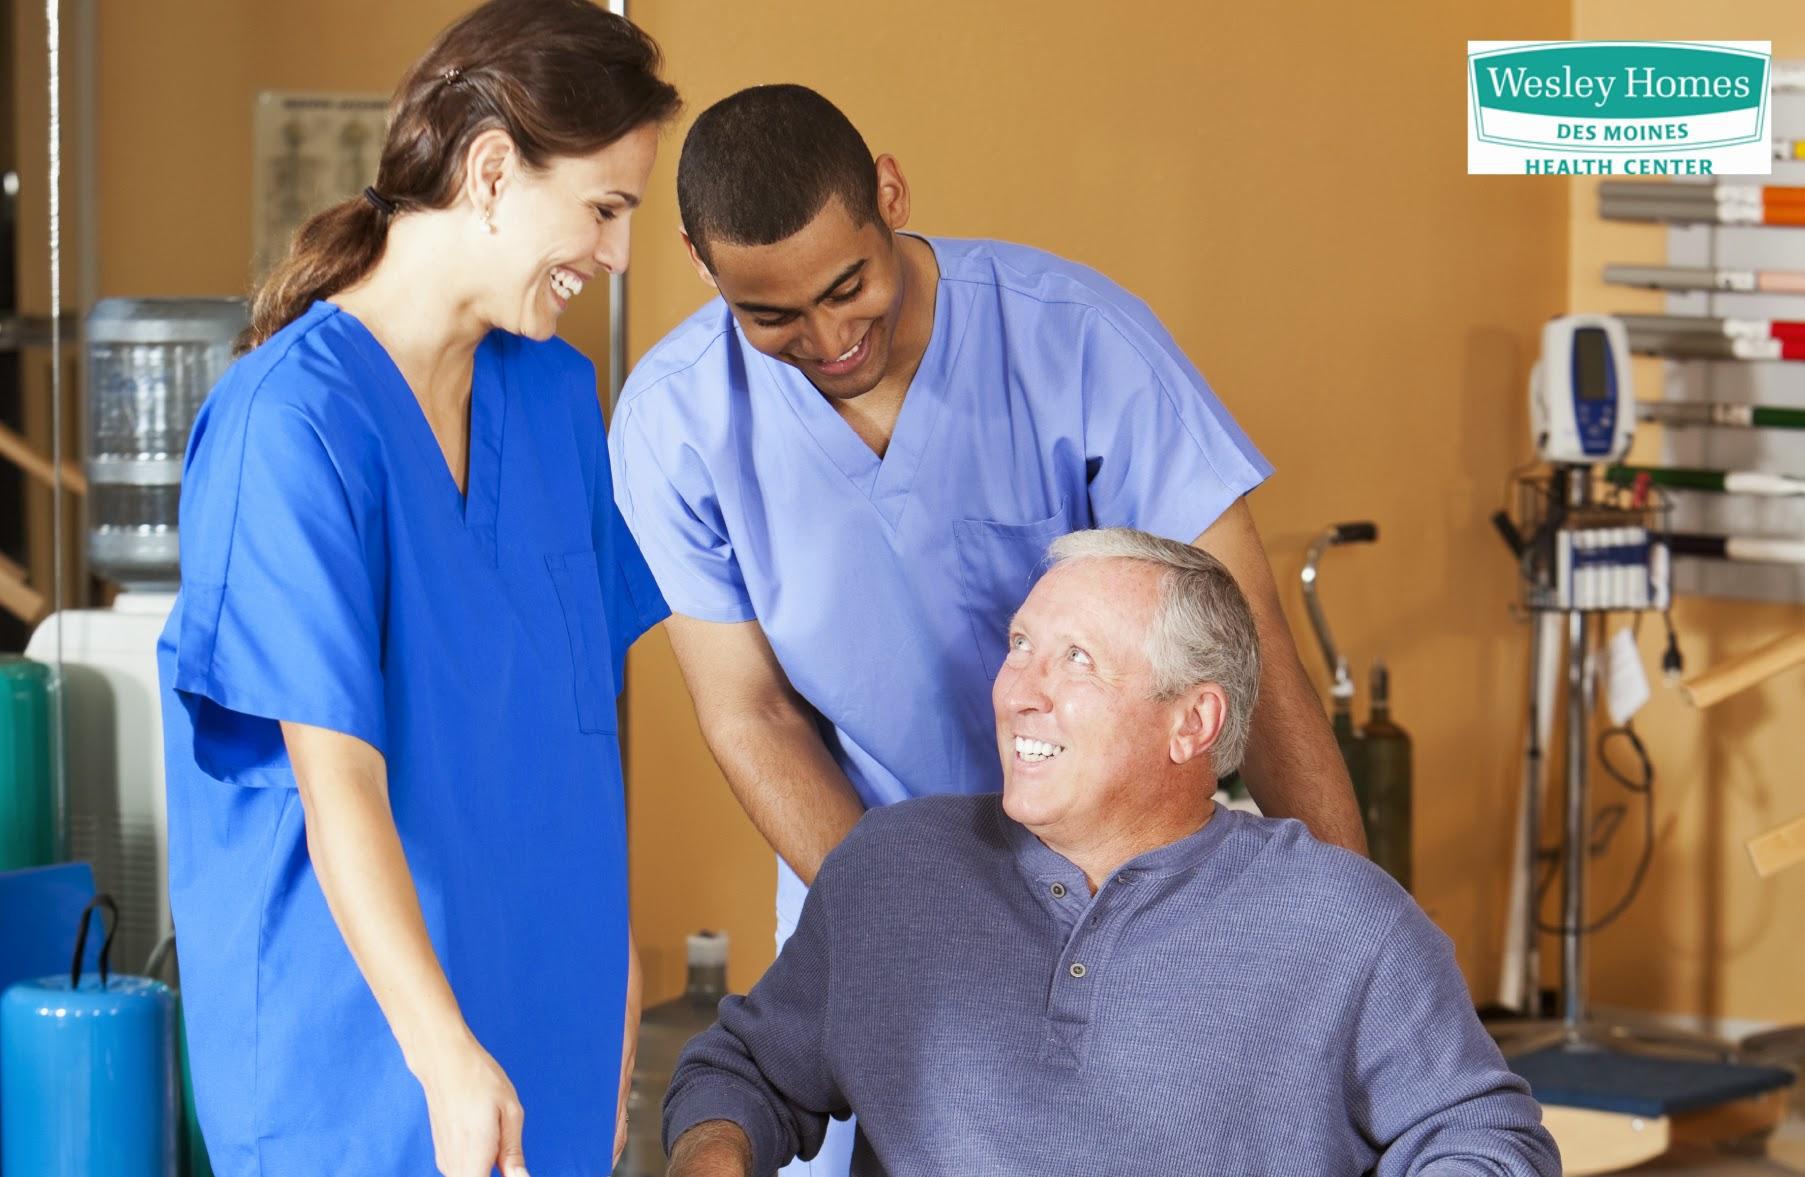 Wesley Des Moines Health Care & Rehabilitation Center | 1122 S 216th St, Des Moines, WA, 98198 | +1 (206) 824-3663